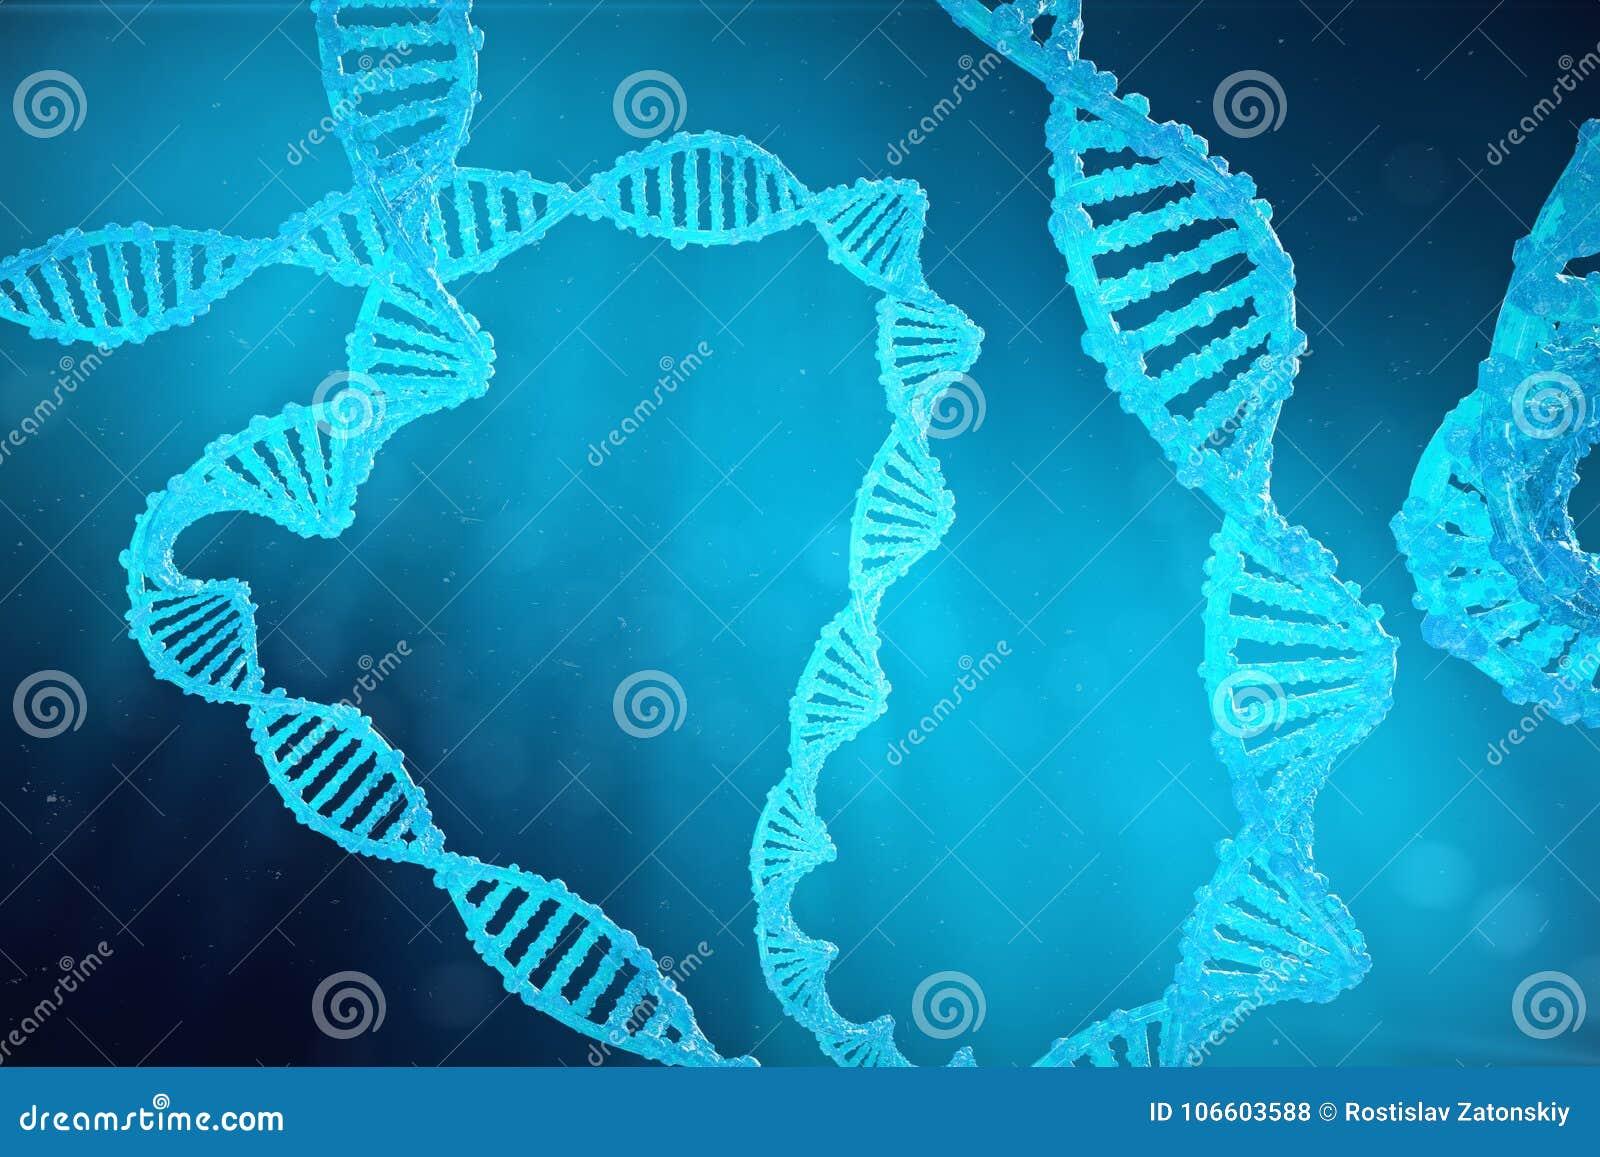 Μόριο DNA ελίκων με τα τροποποιημένα γονίδια Μεταλλαγή διόρθωσης από τη γενετική εφαρμοσμένη μηχανική Μοριακή γενετική έννοιας, τ